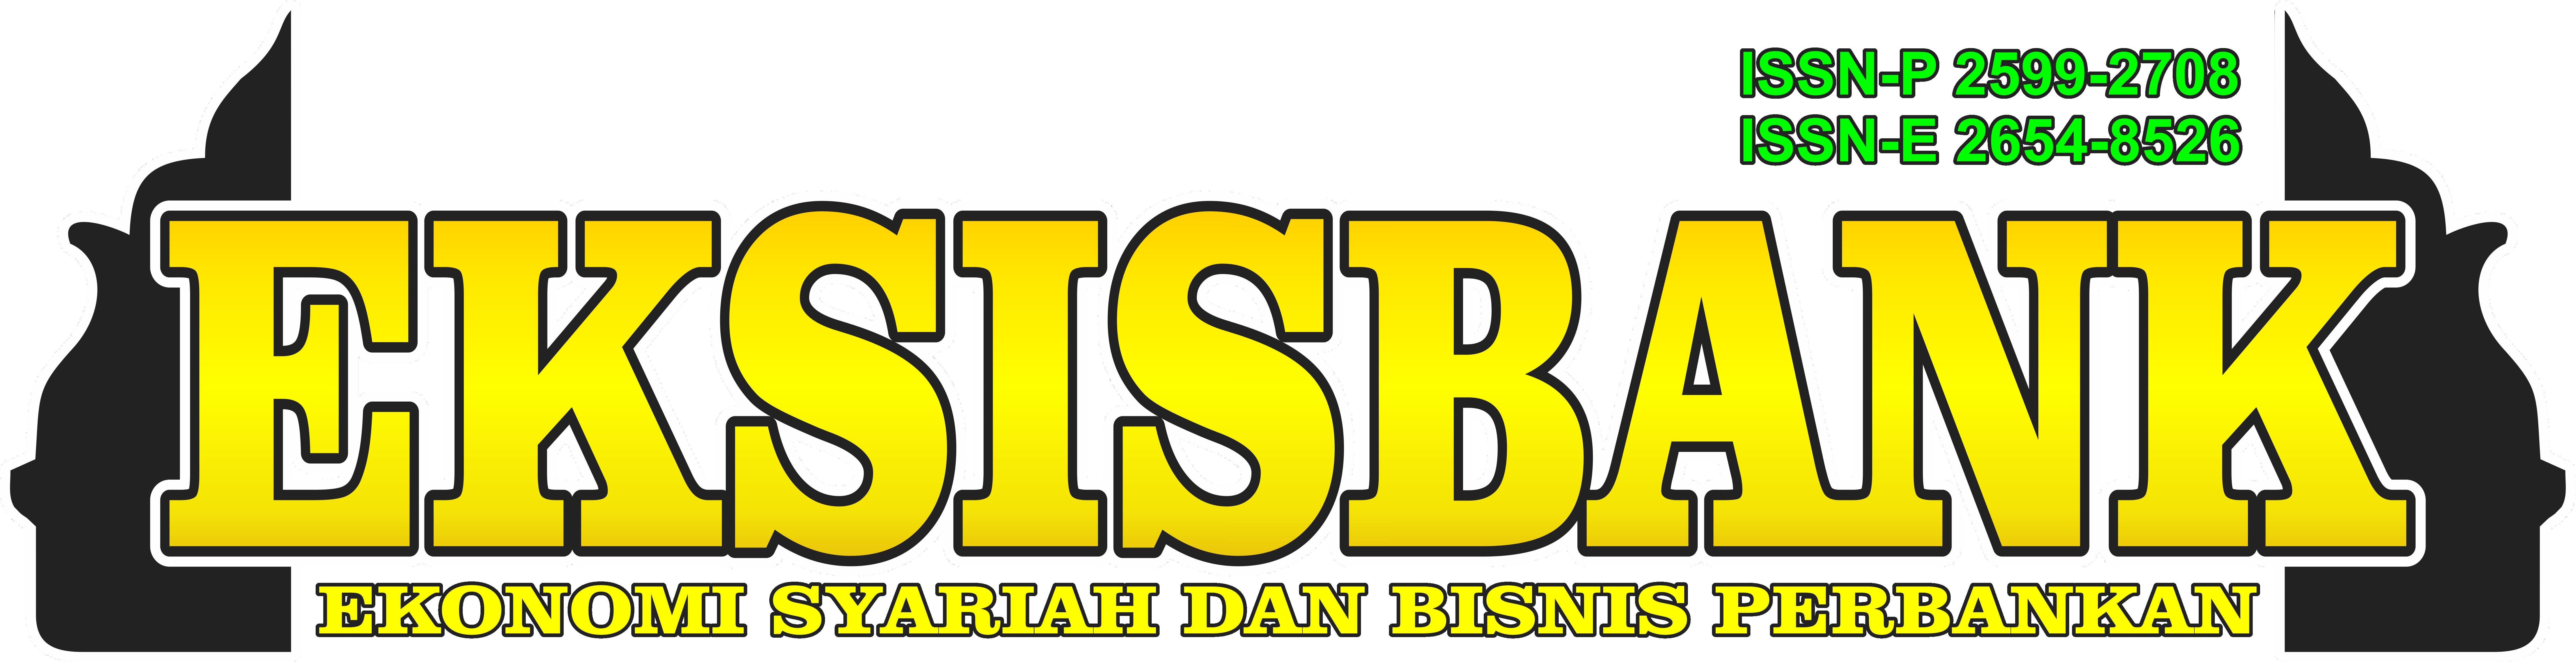 eksisbank